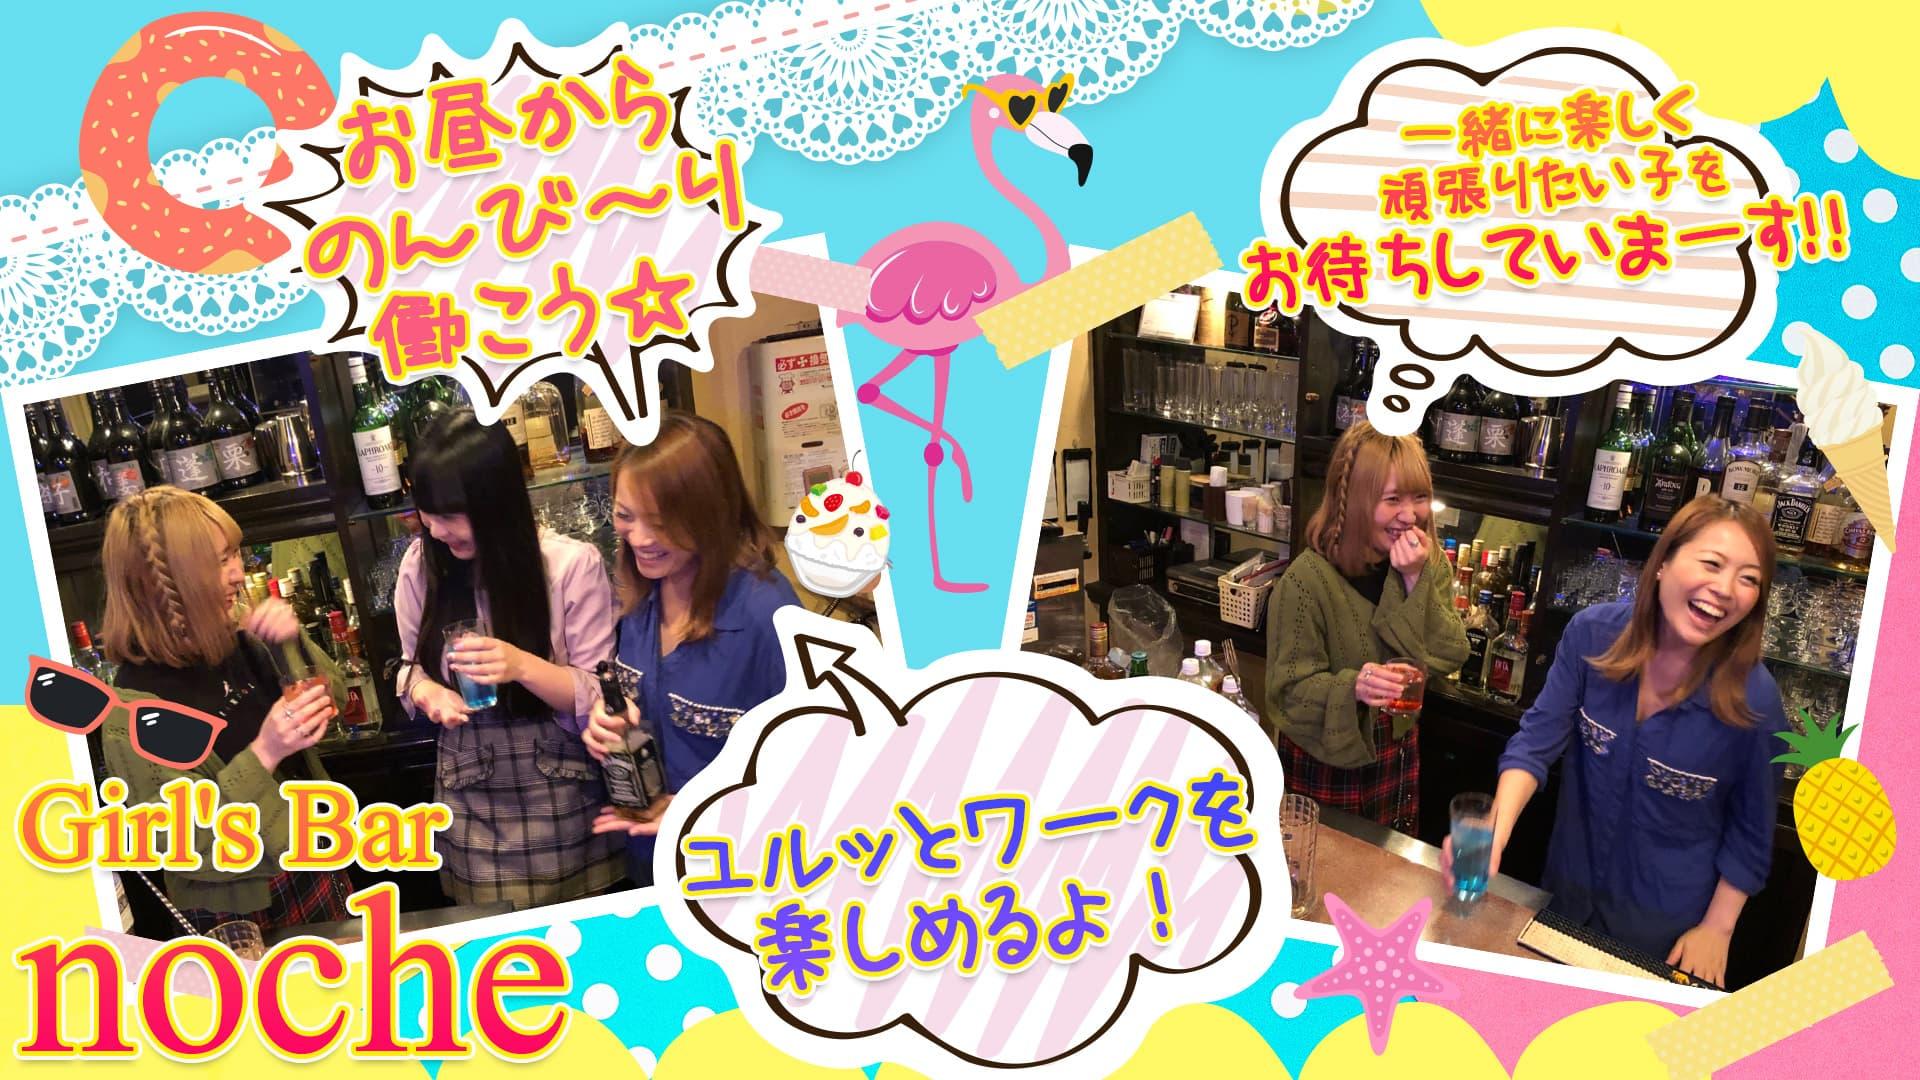 【朝・昼】Girl's Bar noche(ノーチェ)【公式求人・体入情報】 池袋ガールズバー TOP画像